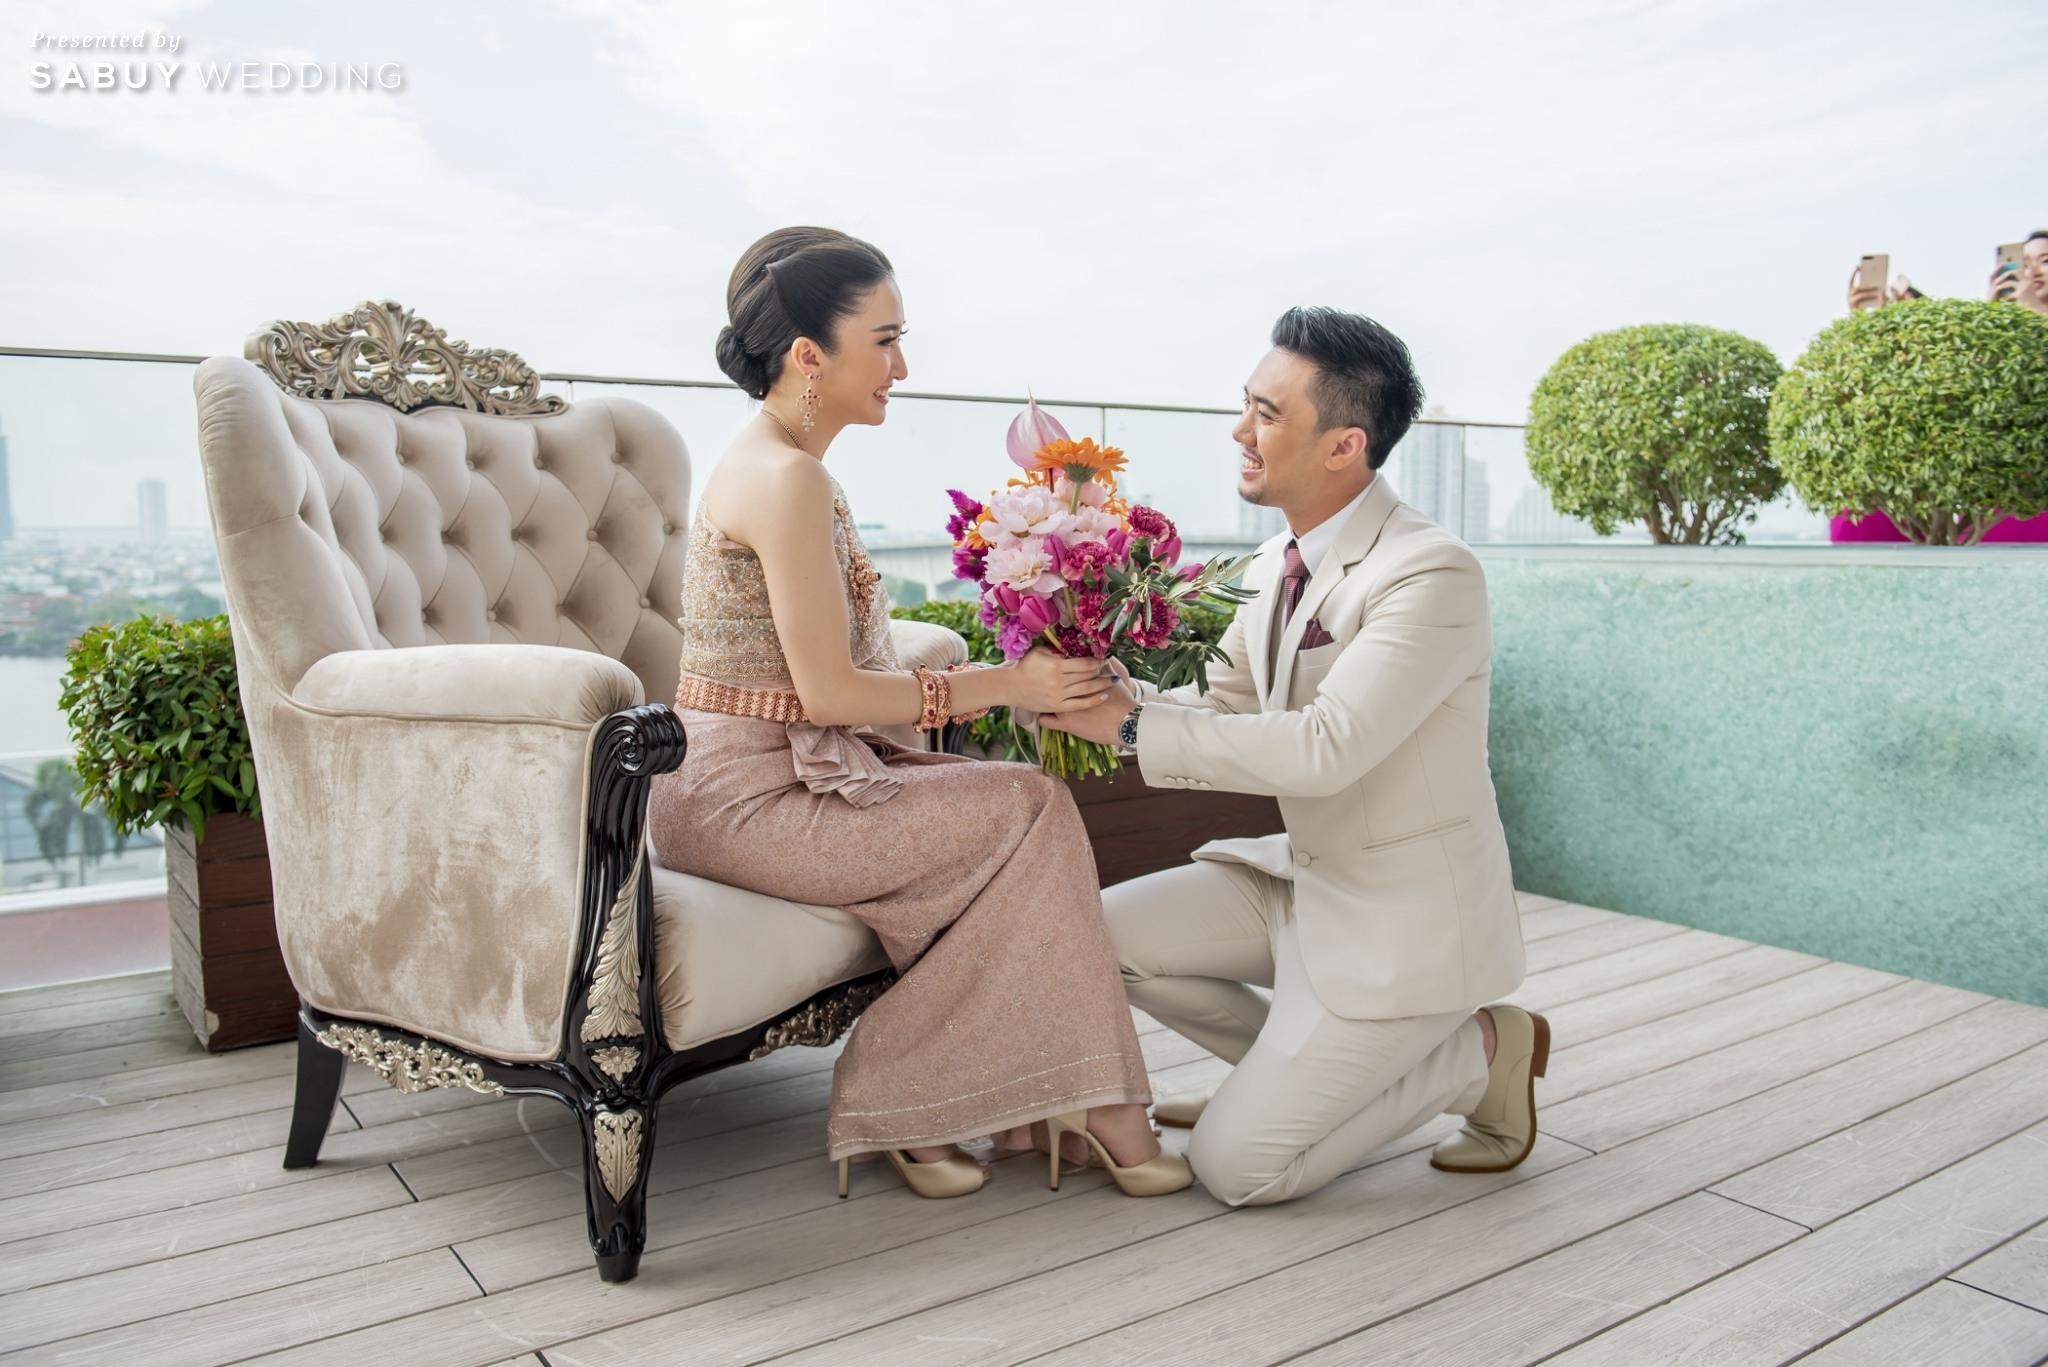 เจ้าบ่าว,เจ้าสาว,ชุดแต่งงาน,ช่อดอกไม้เจ้าสาว รีวิวงานแต่งแซ่บจี๊ดใจ สวยสดใสด้วยโทนสี Colorful @ AVANI+ Riverside Bangkok Hotel